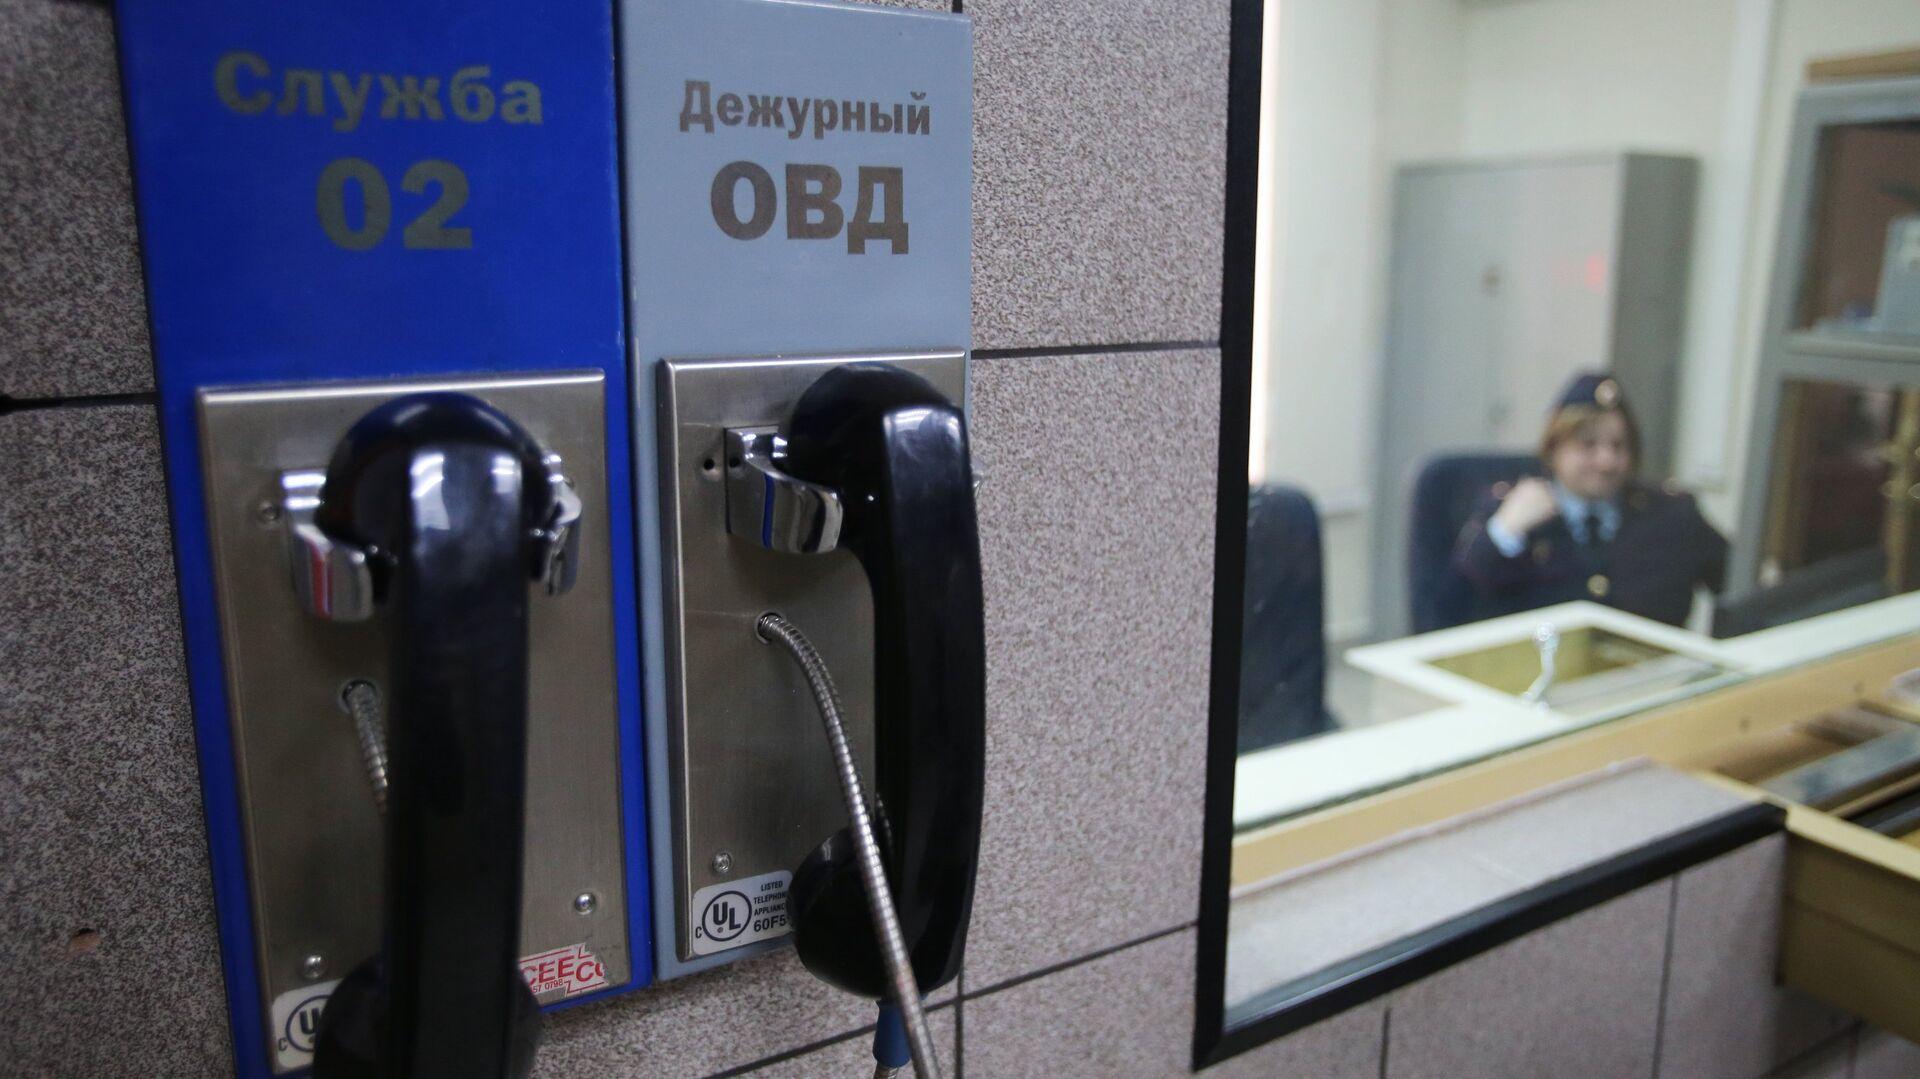 Телефоны в дежурной части ОВД - РИА Новости, 1920, 28.09.2020